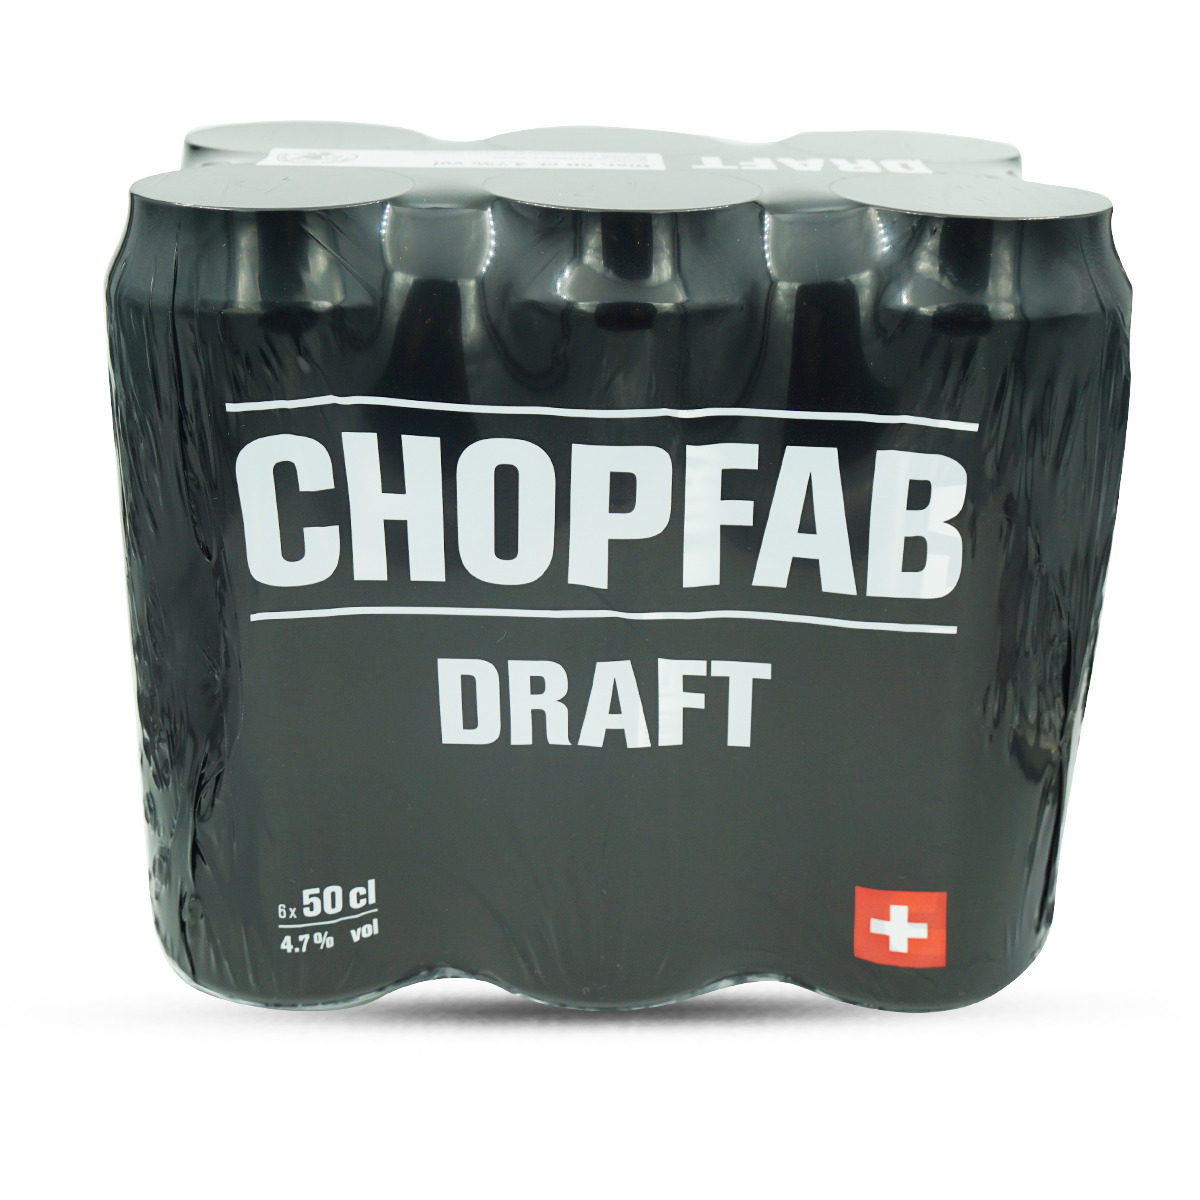 Chopfab Draft-Bier